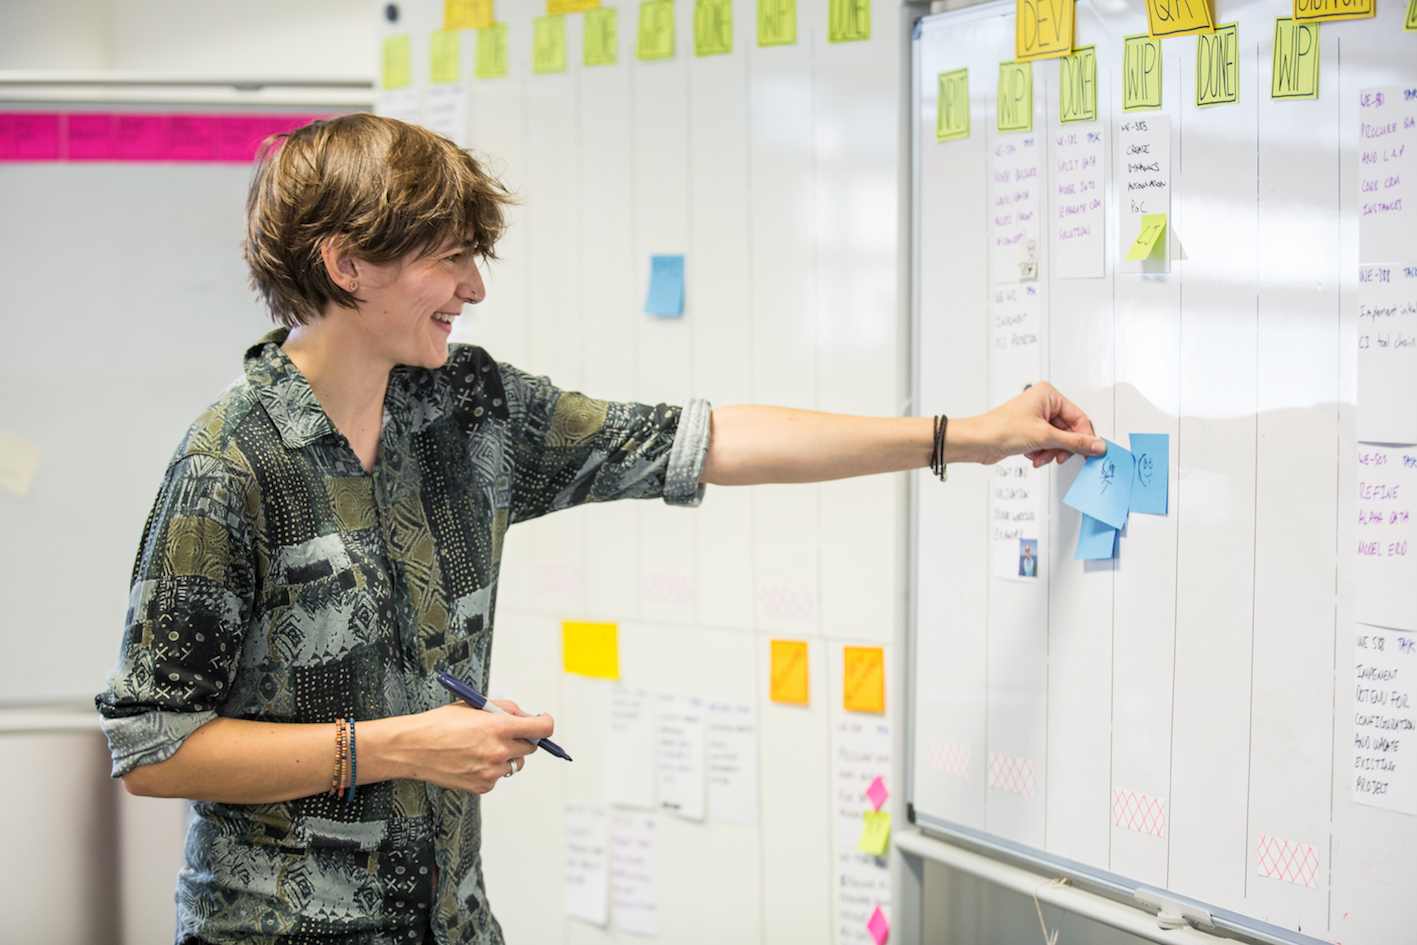 Cathy Dutton, interaction designer